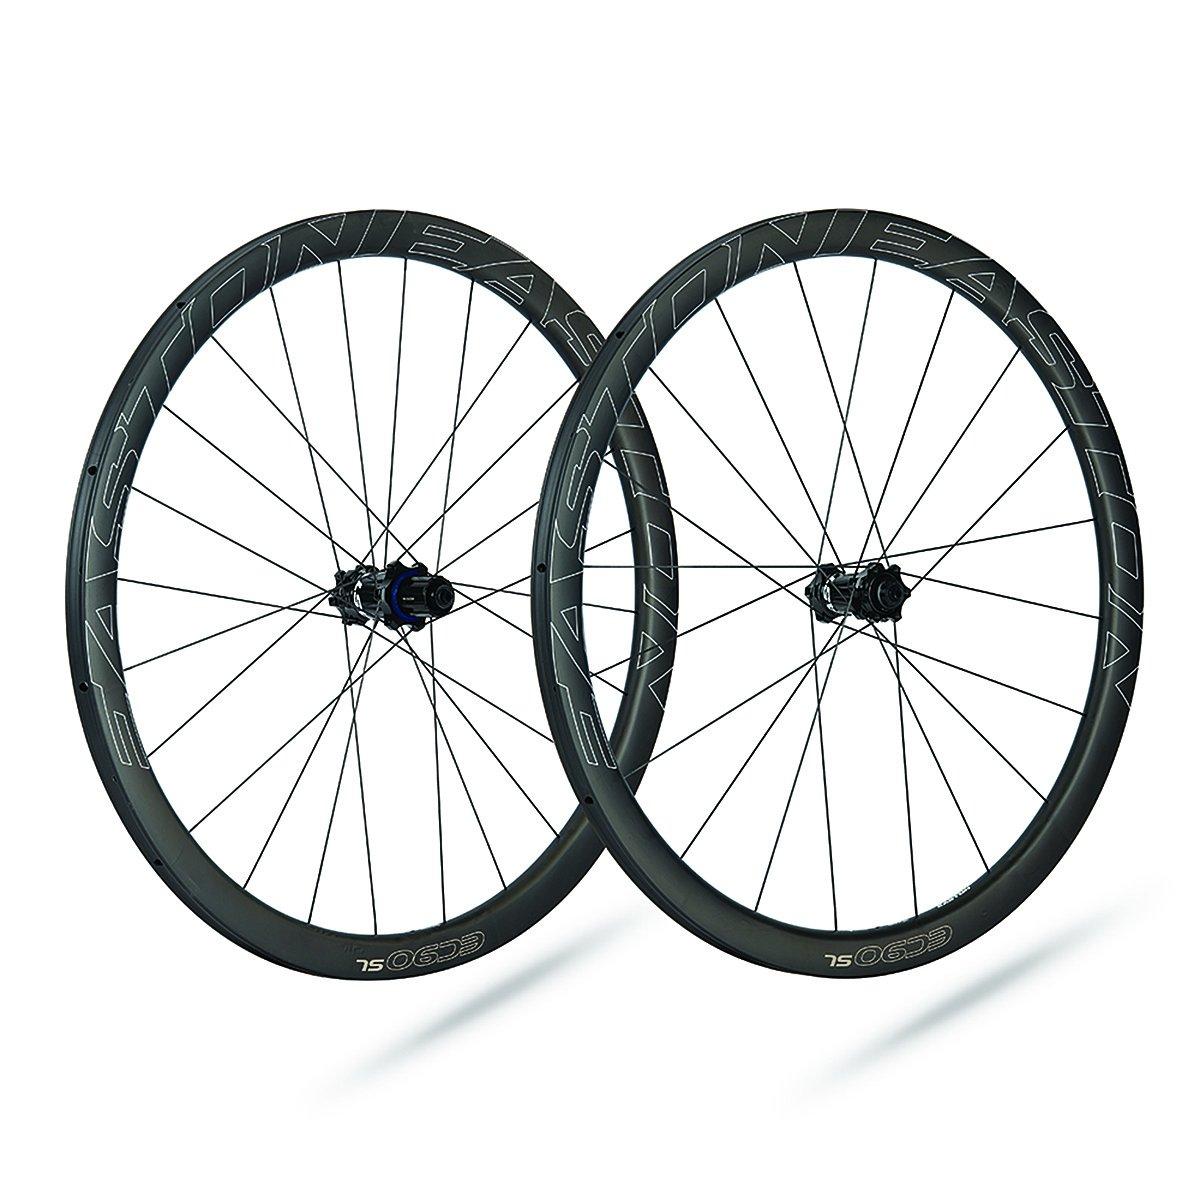 Easton 7024283 EC90 SL Roue arrière pour vélo de route B00M1K94DQ